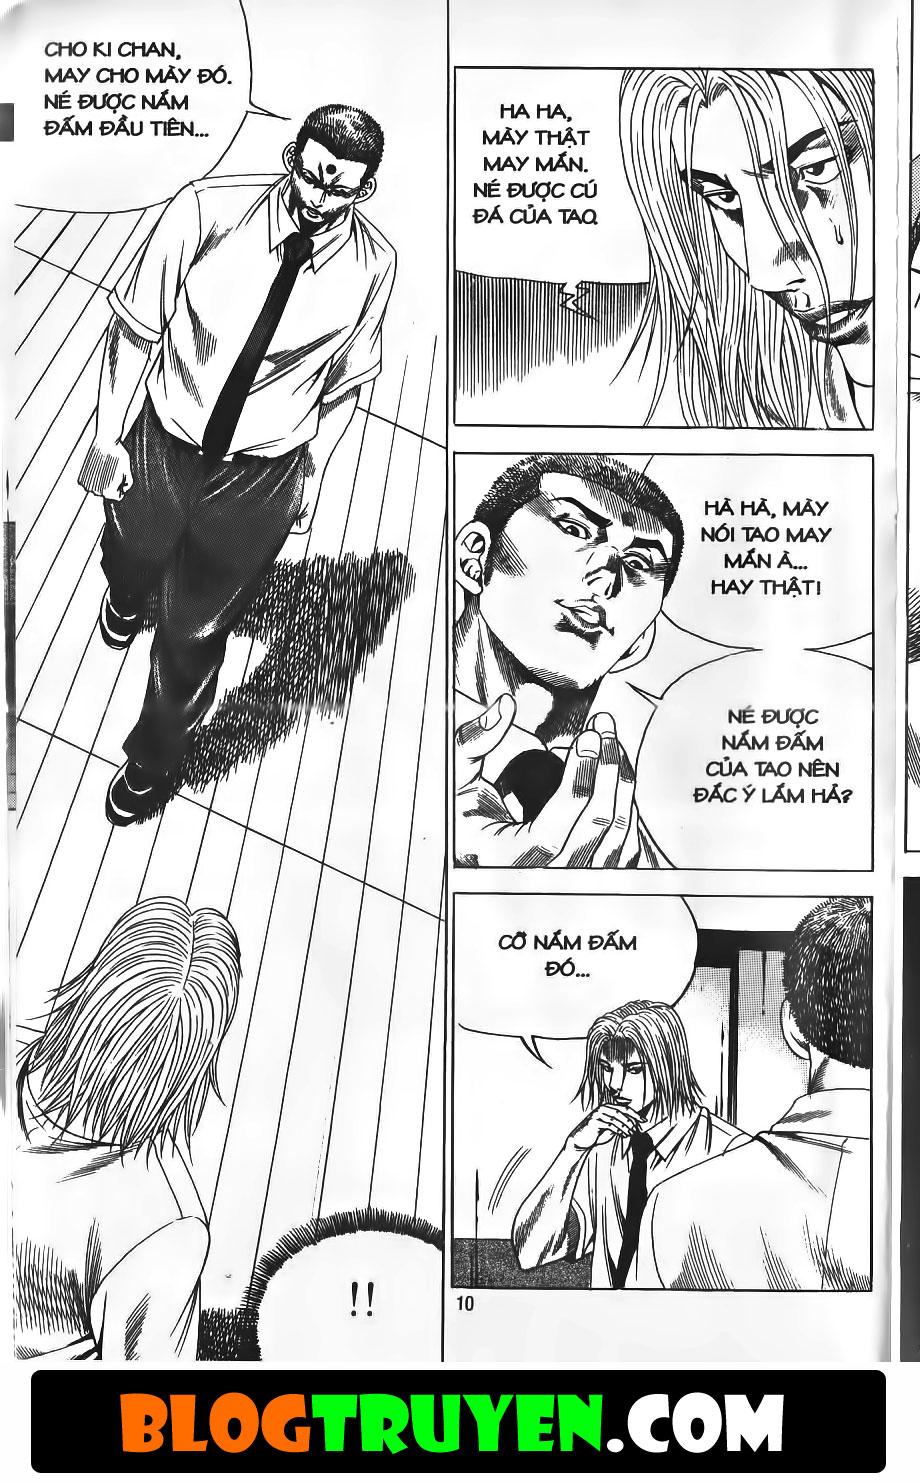 Bitagi - Anh chàng ngổ ngáo chap 148 trang 6